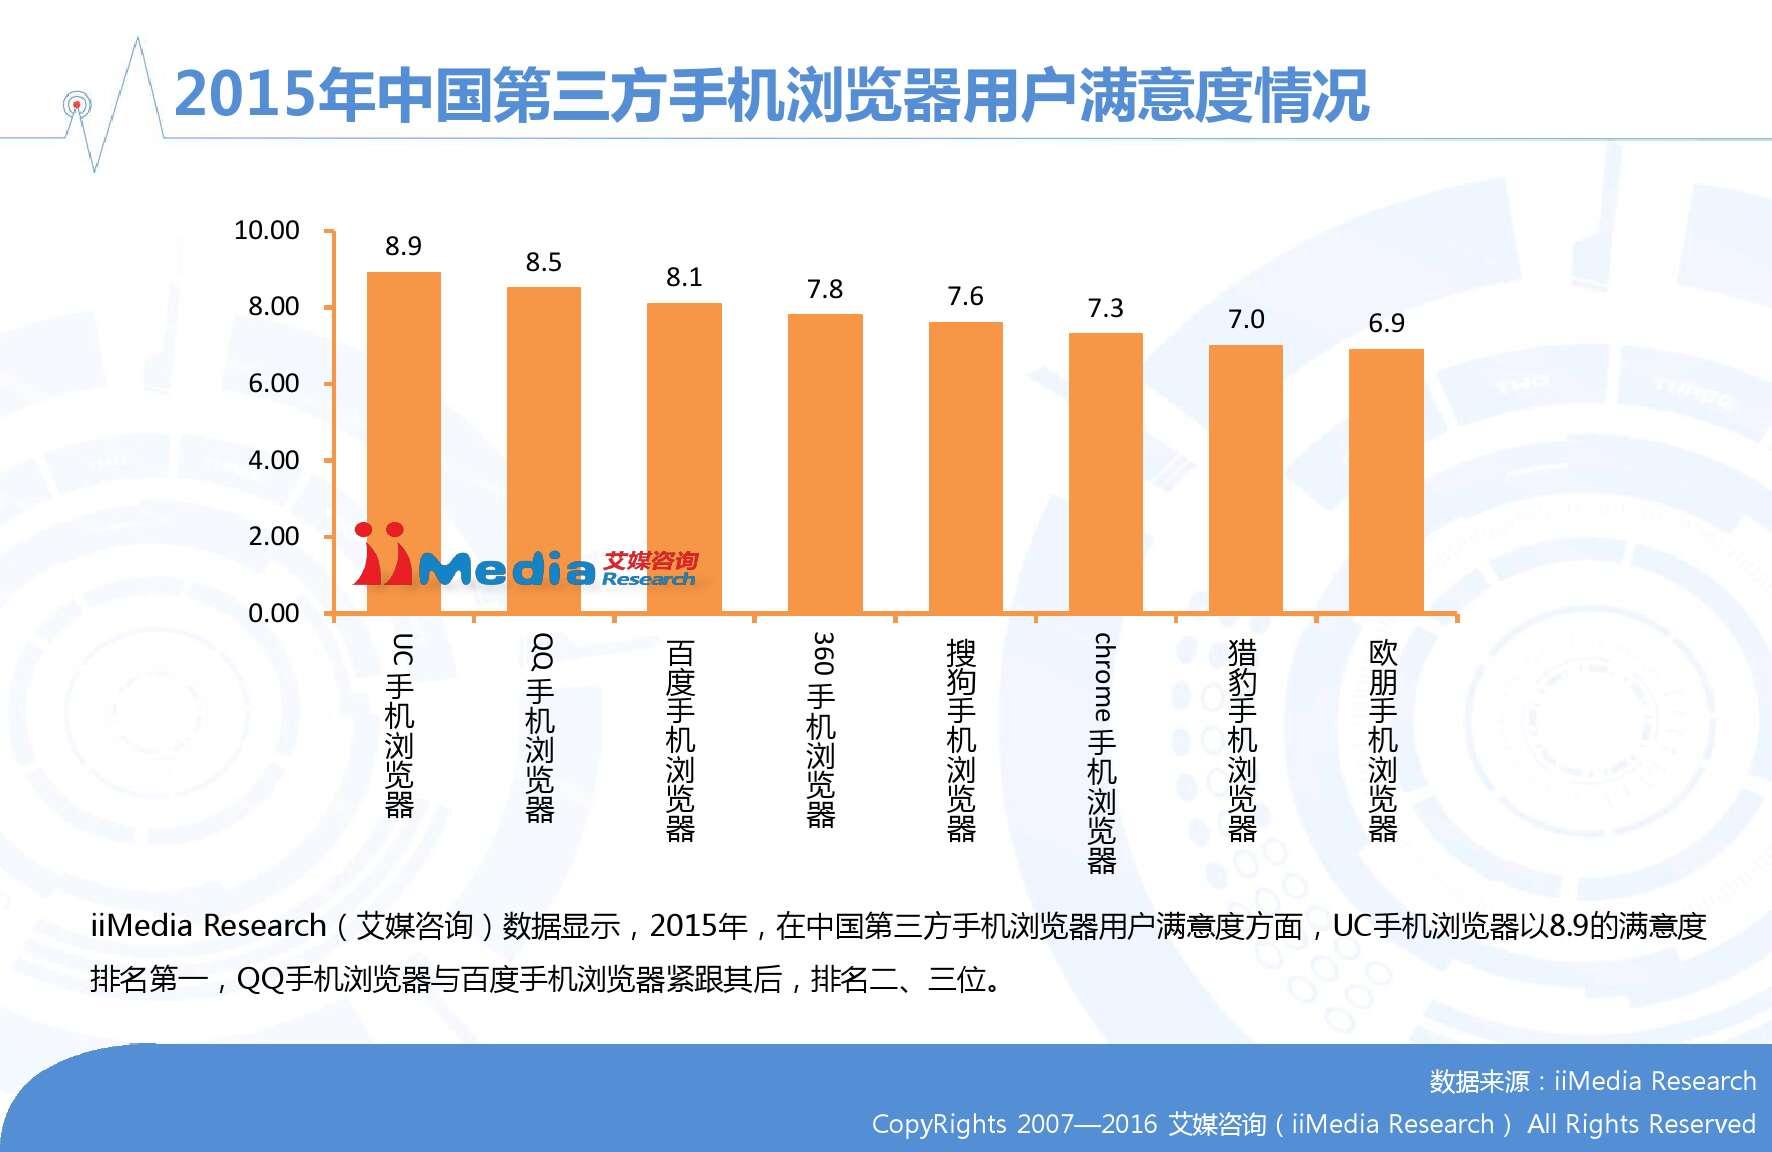 艾媒咨询:2015-2016年中国手机浏览器市场研究报告_000024